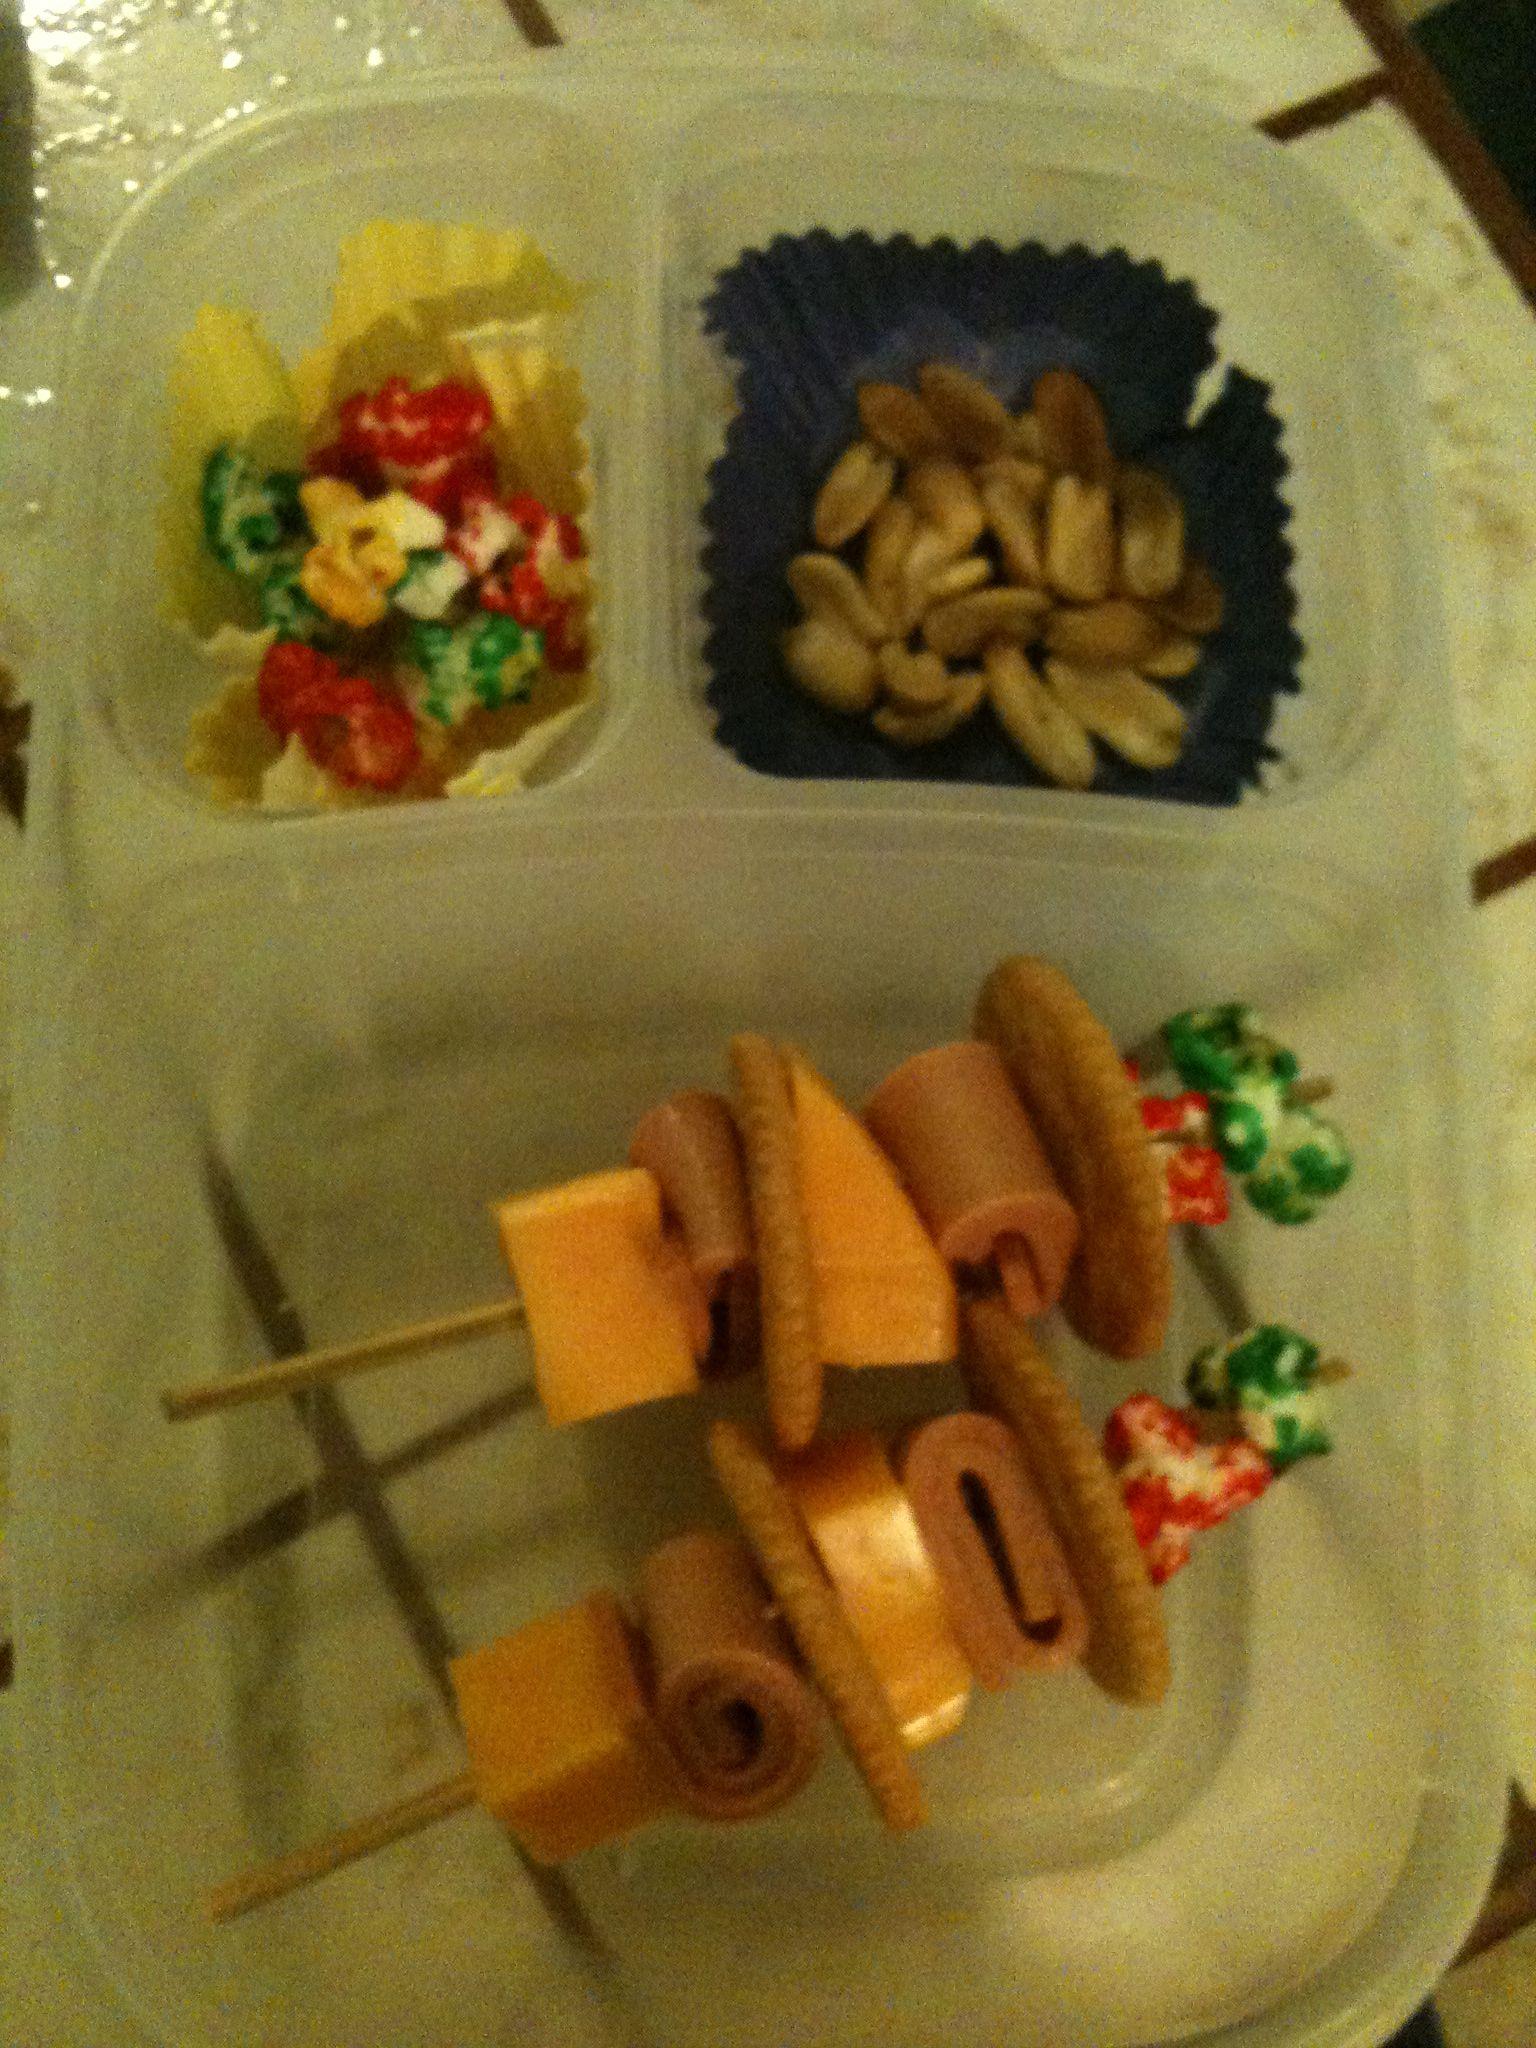 Mis creaciones: pinchos de jamón y queso, decorado con popcorn dulce.